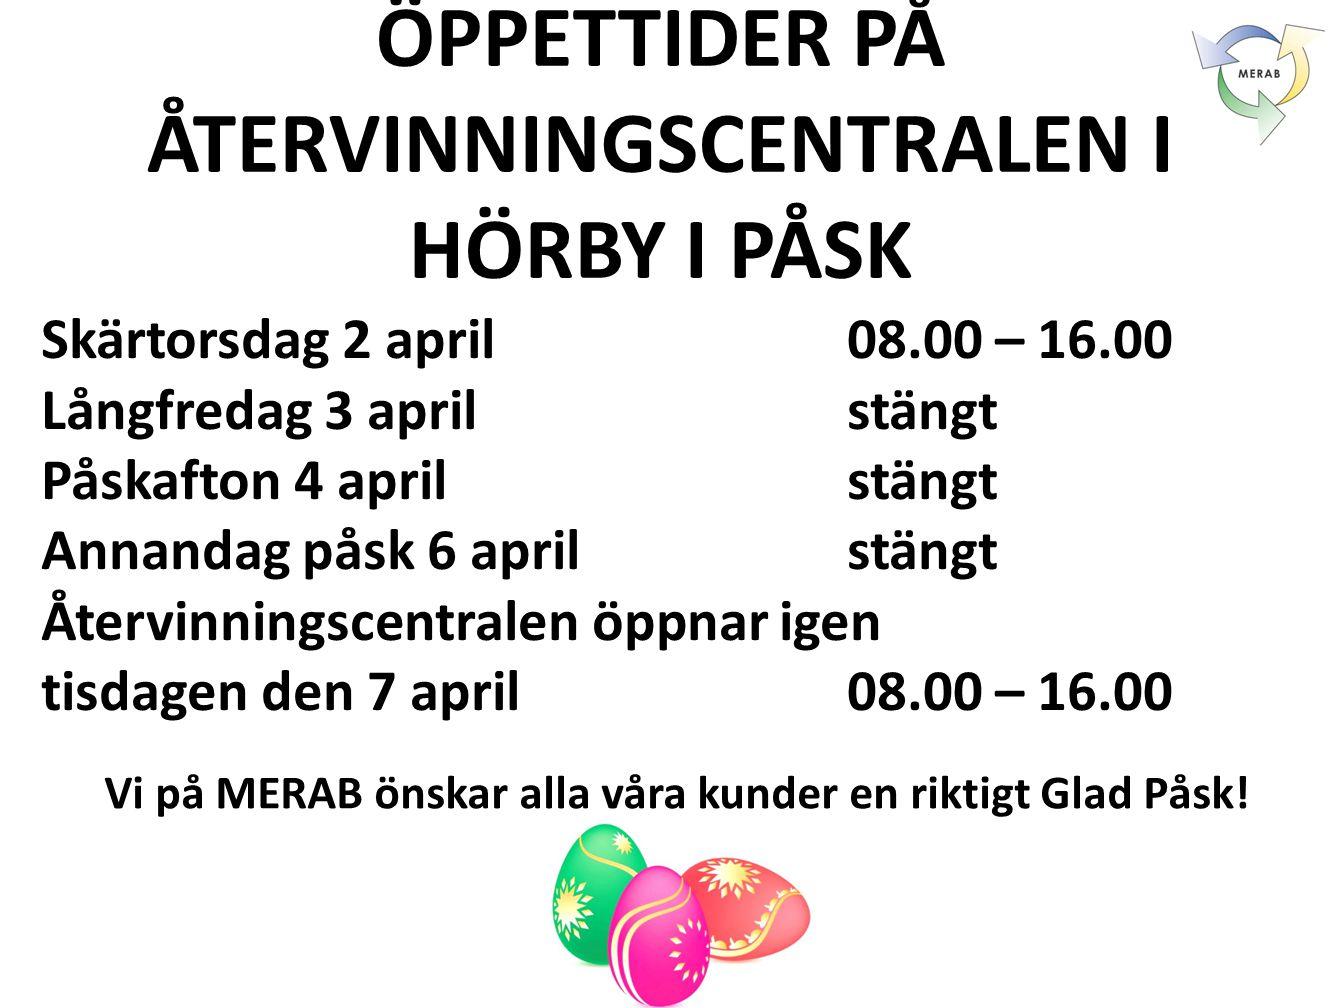 ÖPPETTIDER PÅ ÅTERVINNINGSCENTRALEN I HÖRBY I PÅSK